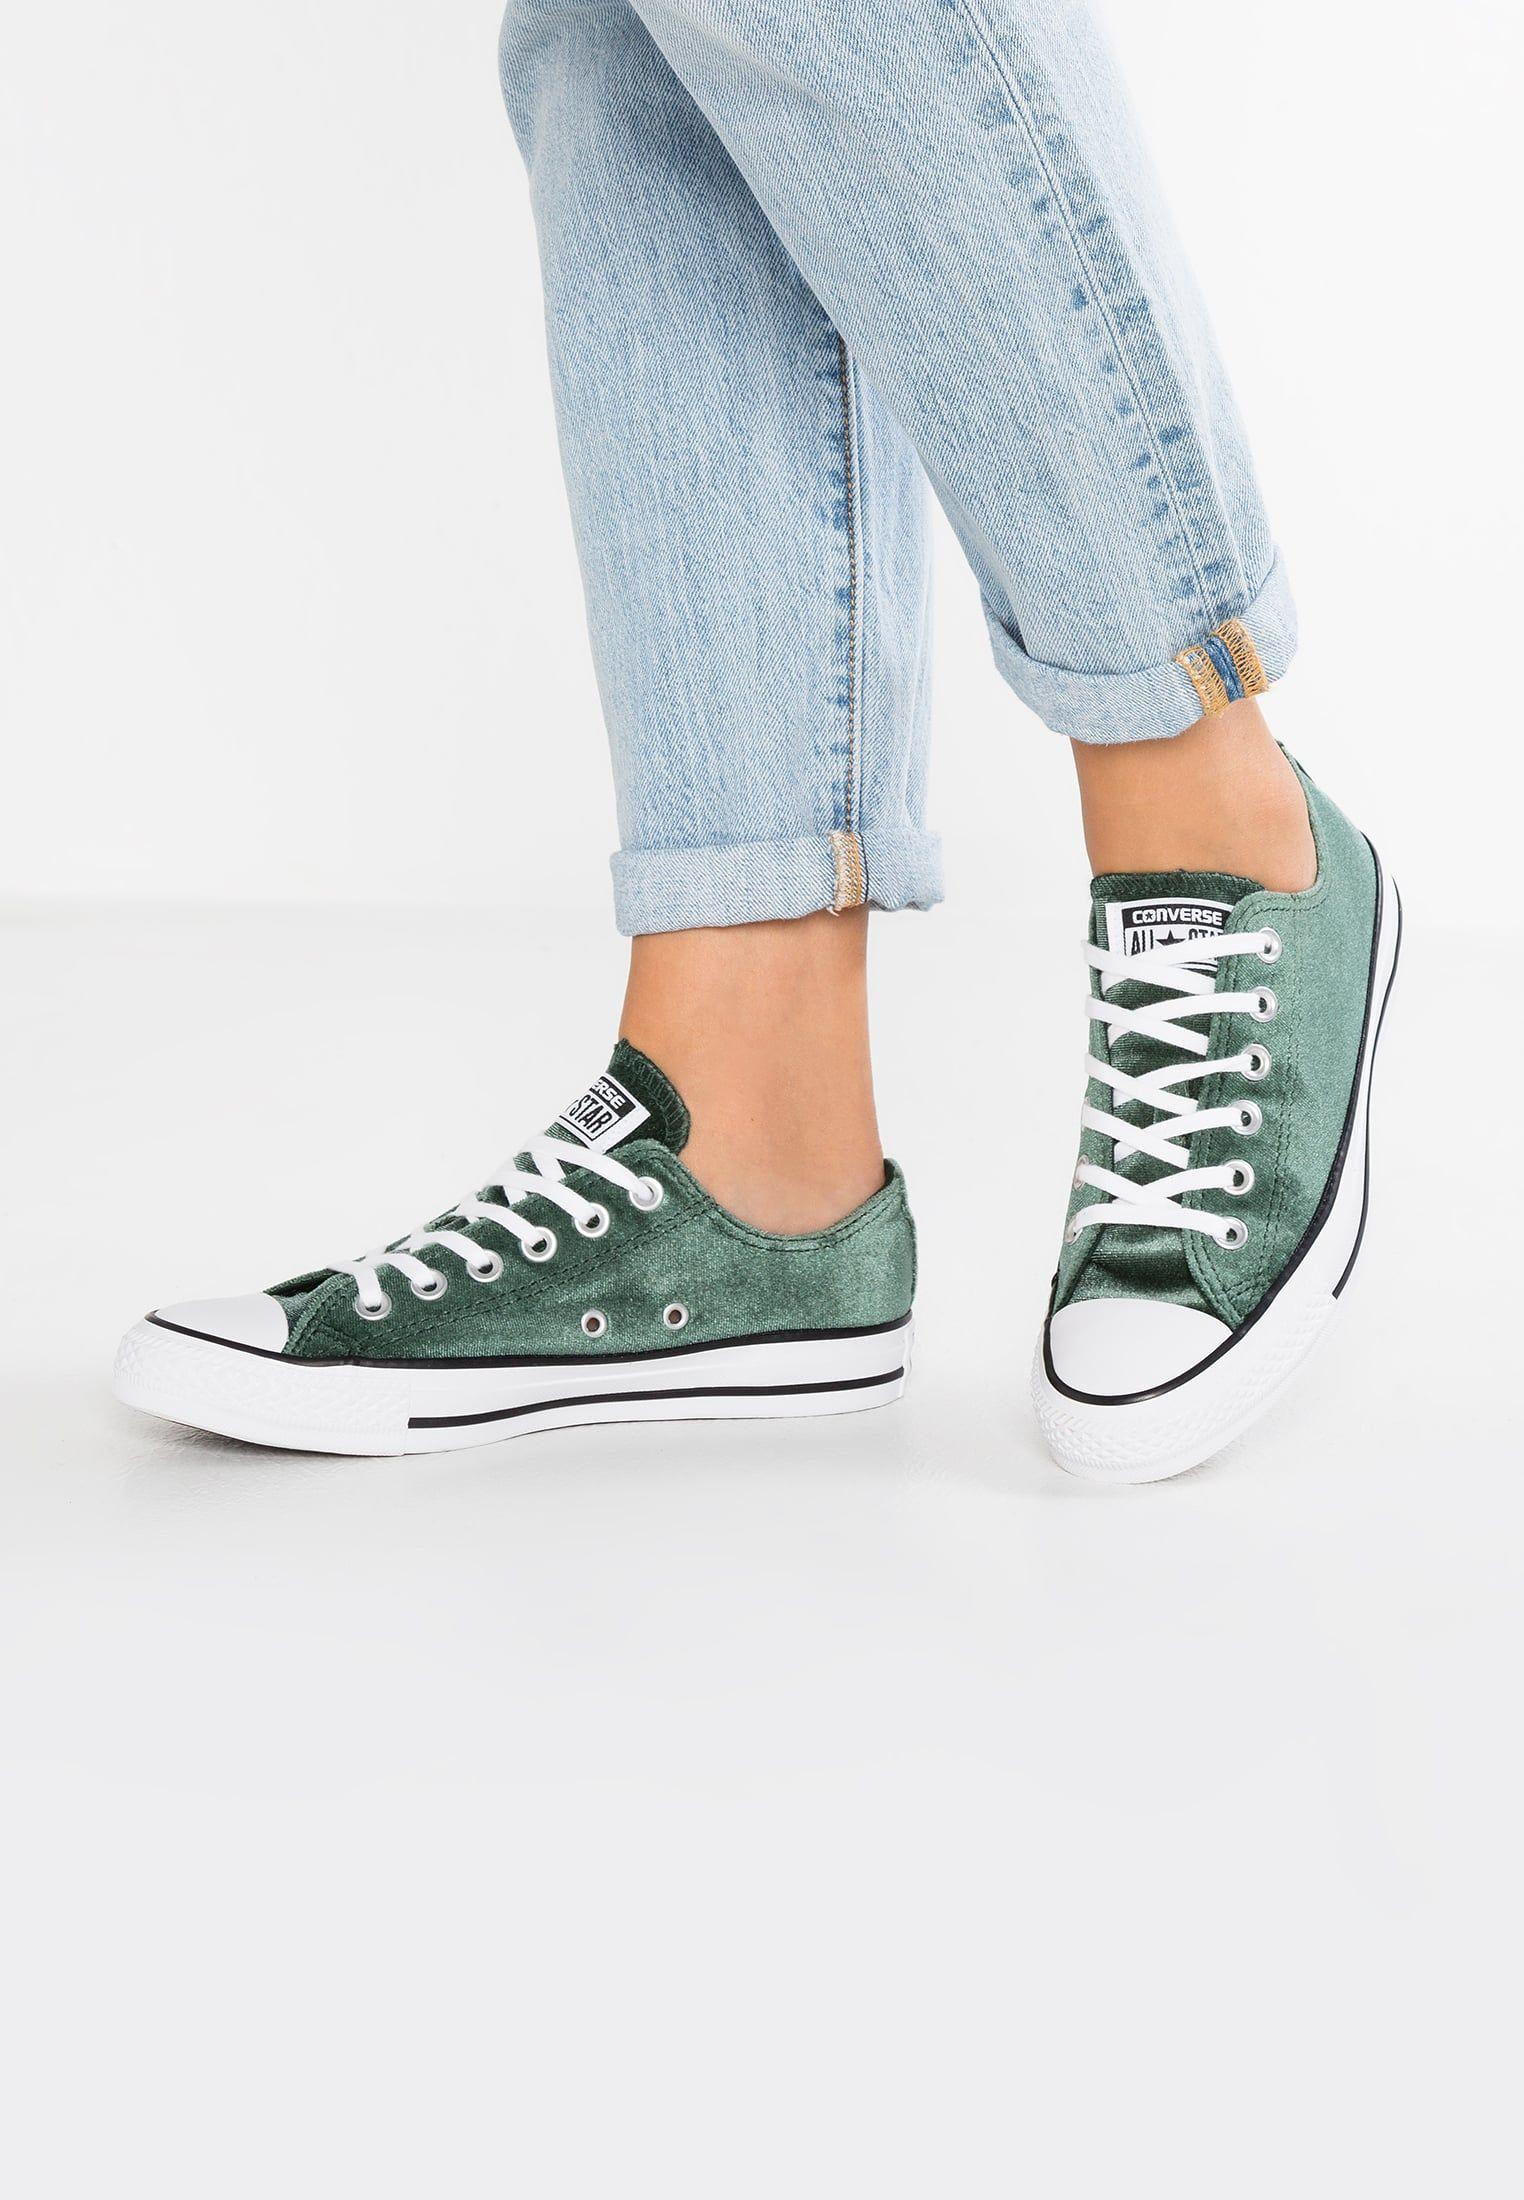 9e8169665c8 Converse CHUCK TAYLOR ALL STAR VELVET - Sneakers laag - deep emerald/white  - Zalando.nl